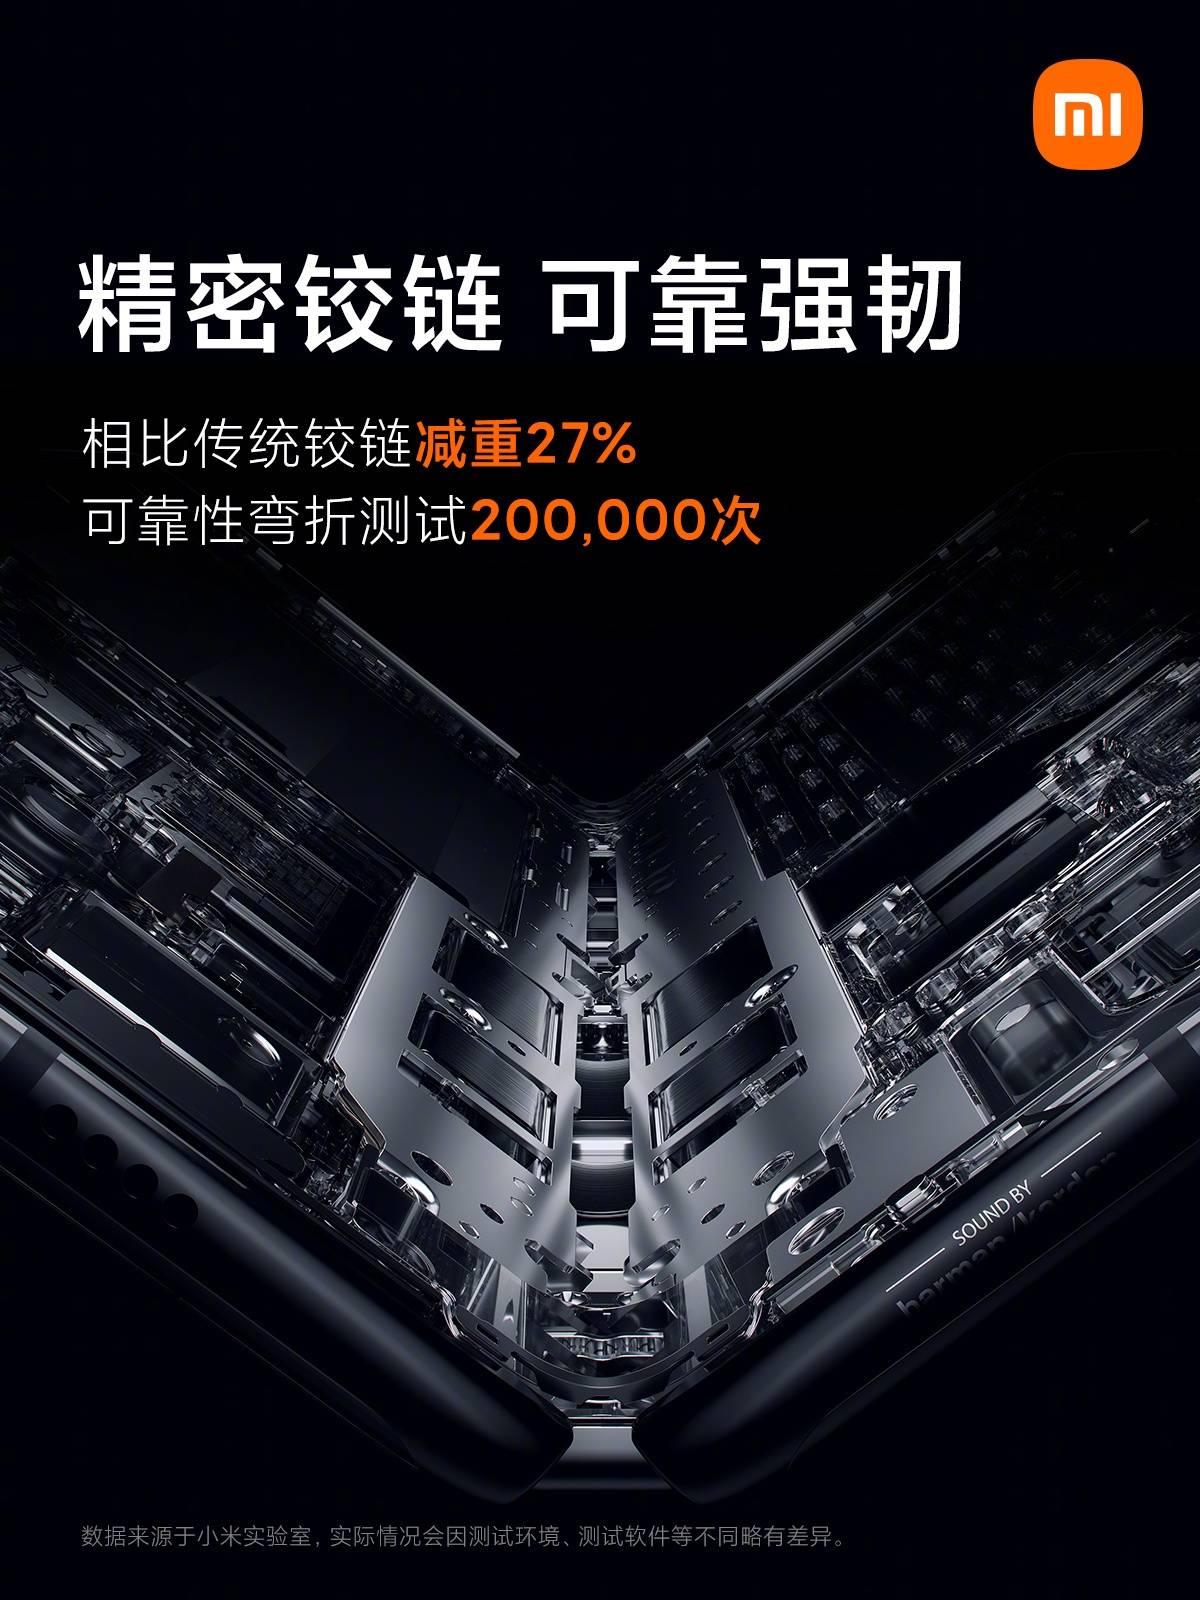 小米MIX FOLD正式发布:100万次极限折叠、9999元起的照片 - 5